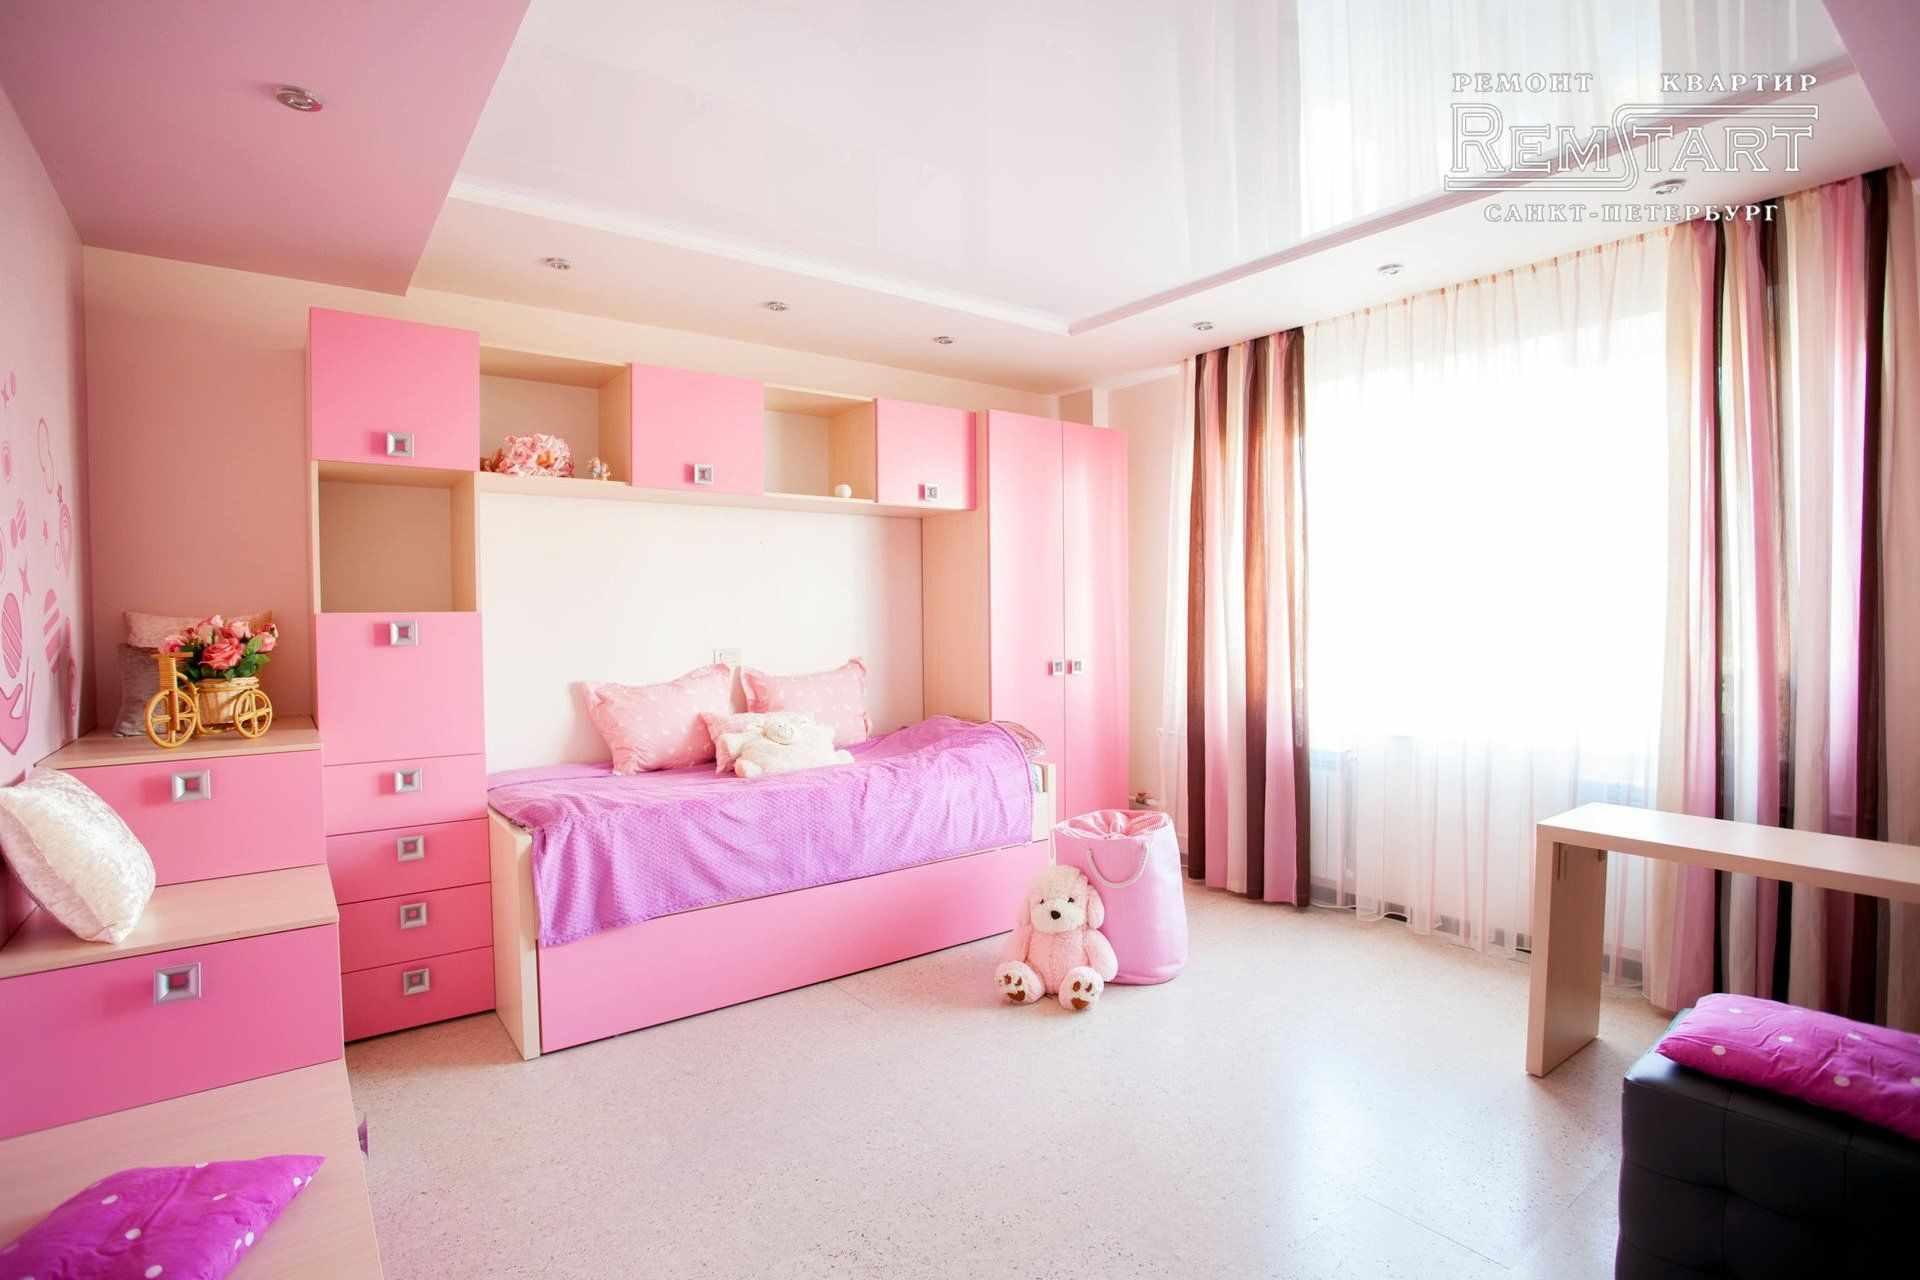 идея красивого интерьера спальной комнаты для девочки